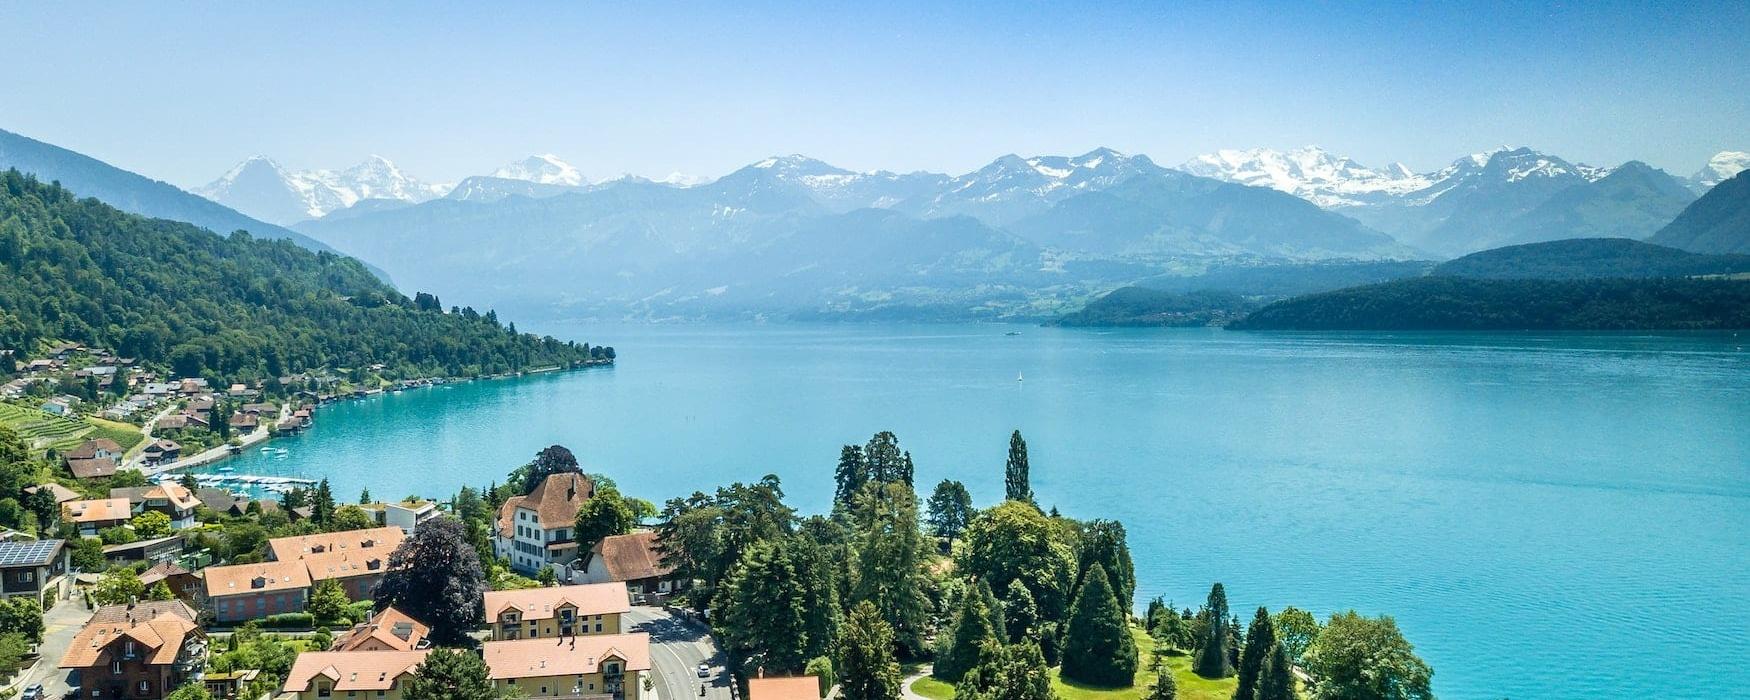 Ortschaft an einem See in der Schweiz